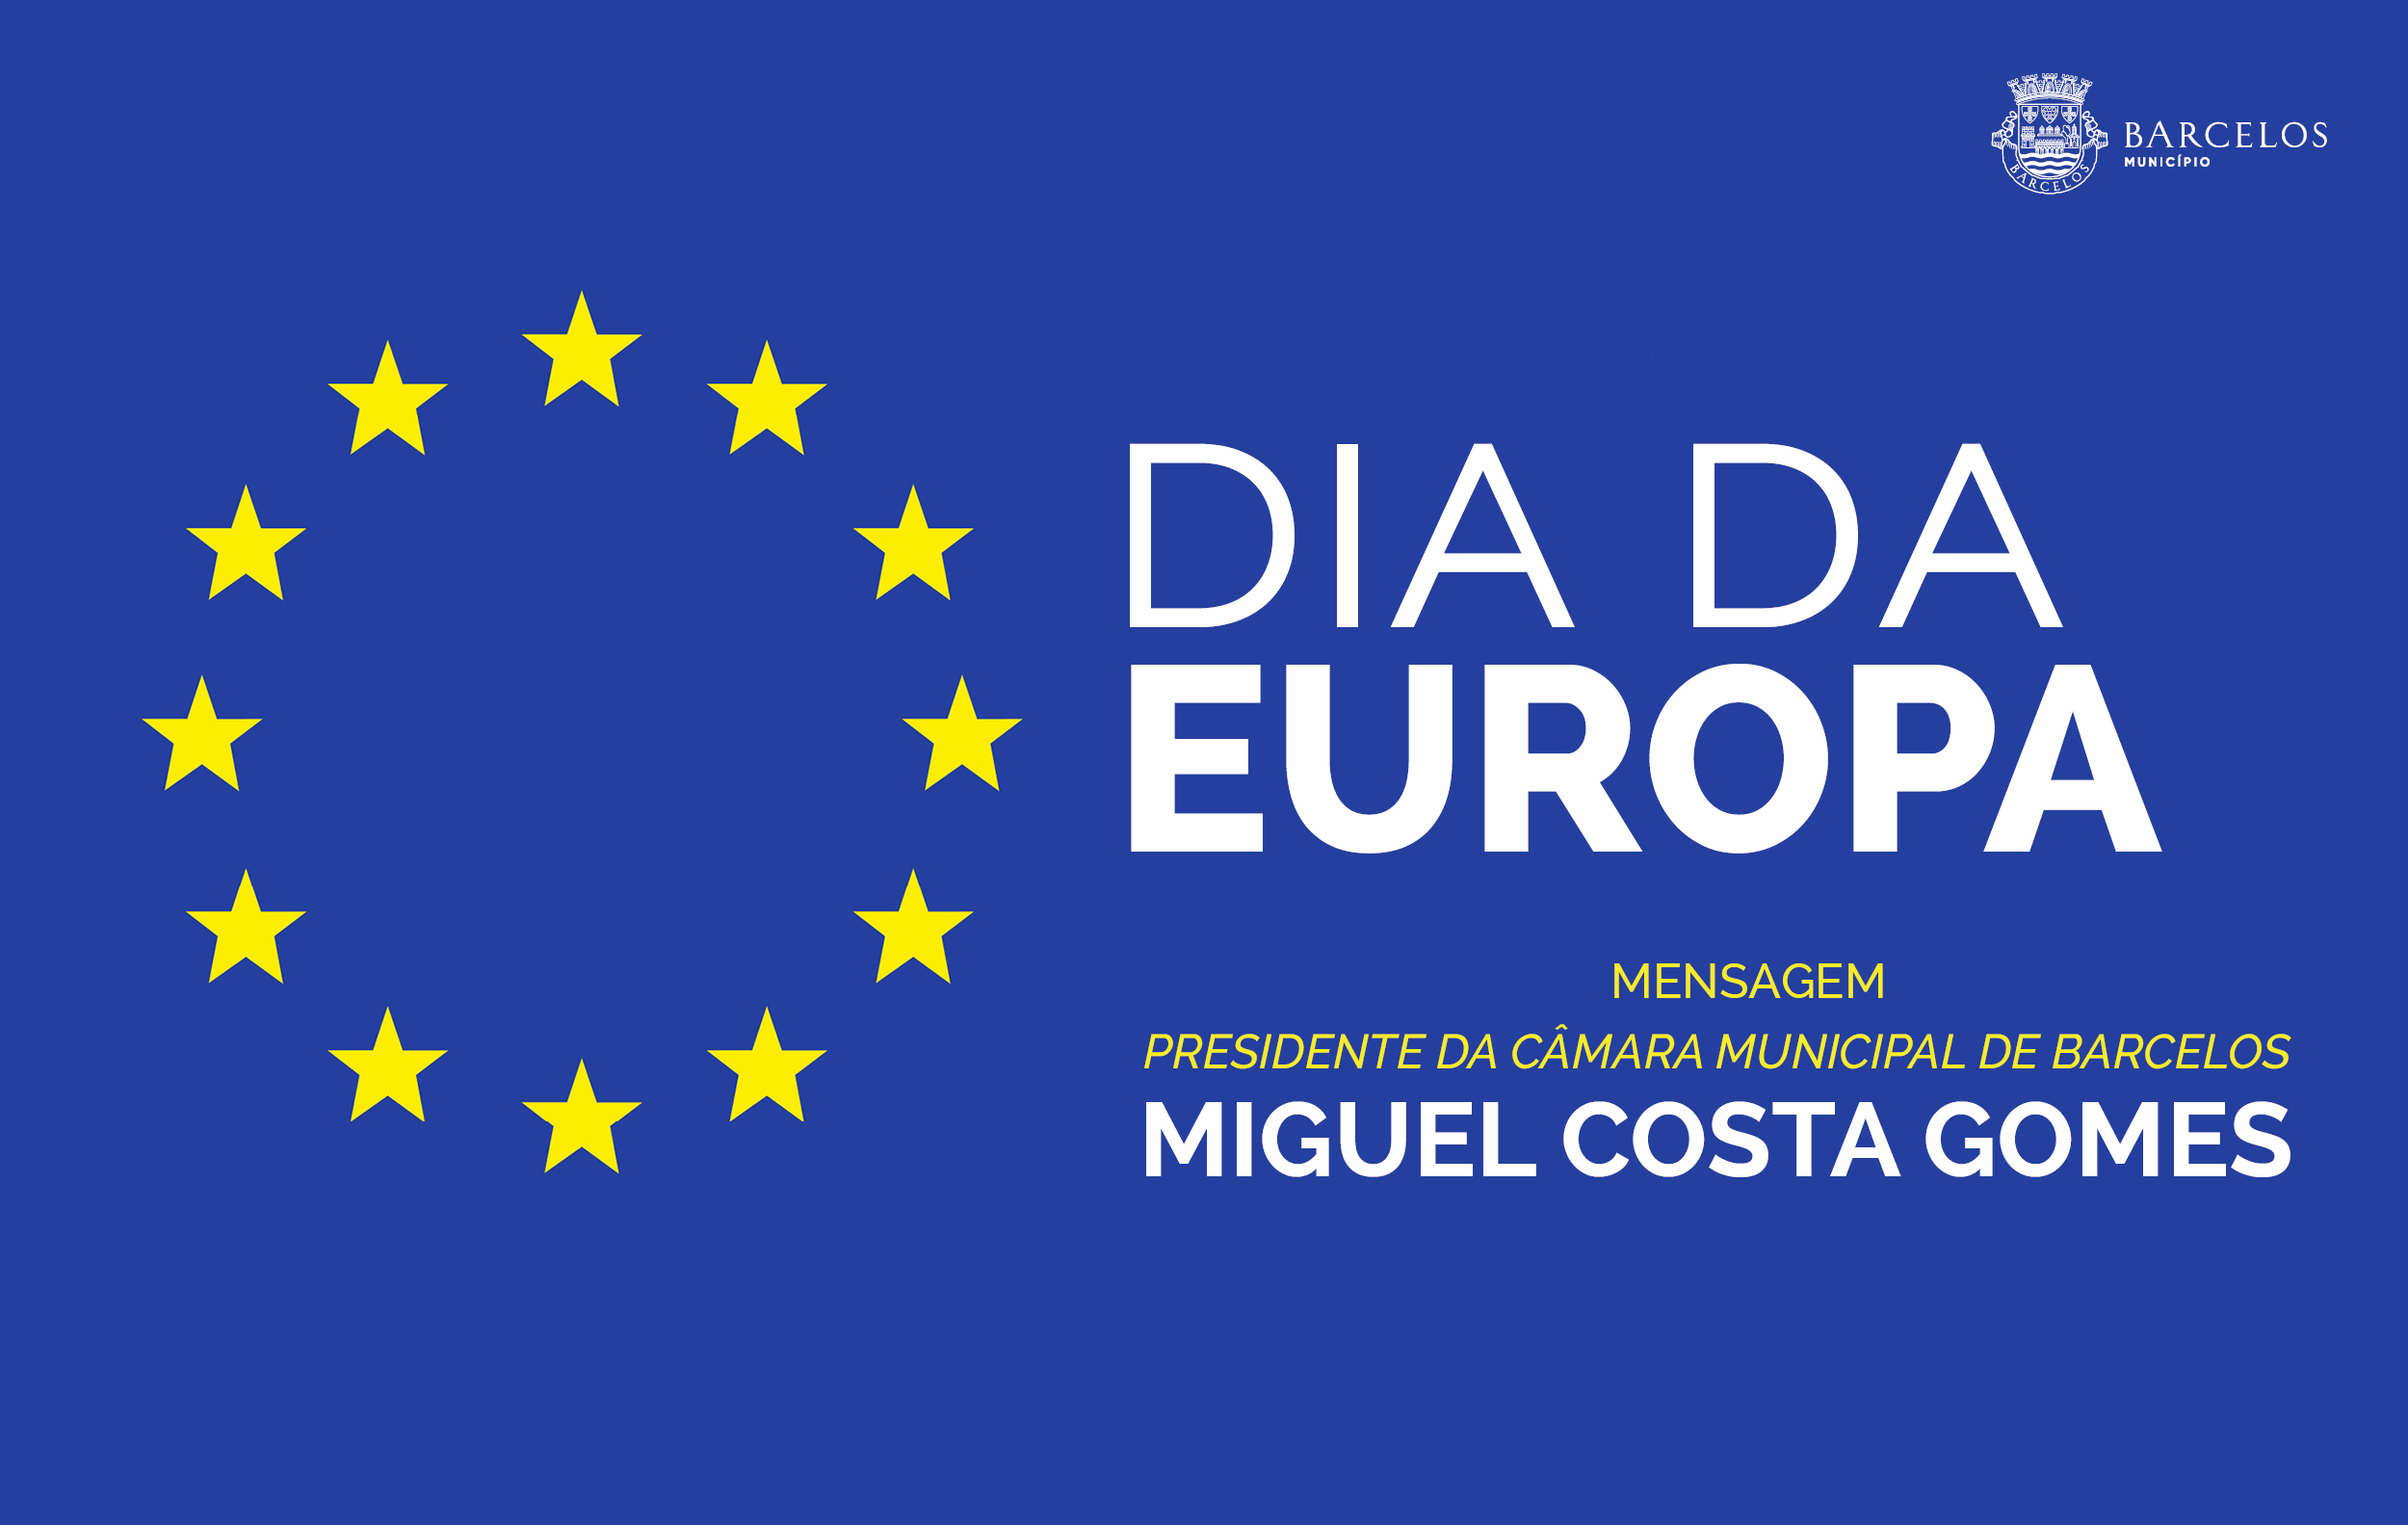 Mensagem do Presidente da Câmara Municipal de Barcelos no Dia da Europa